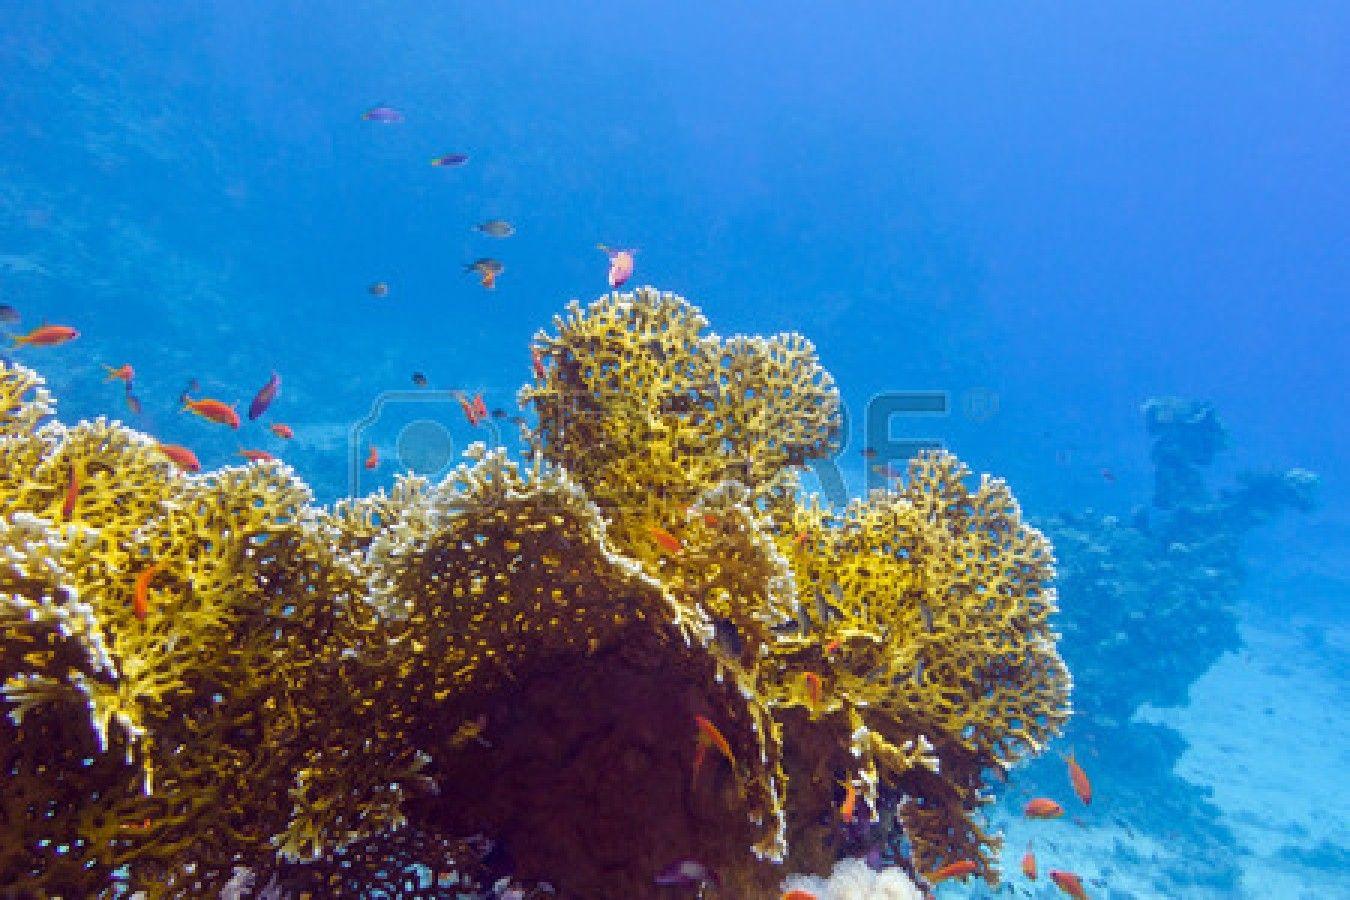 Stock Photo Fondo De Mar Agua Azul Y Coral